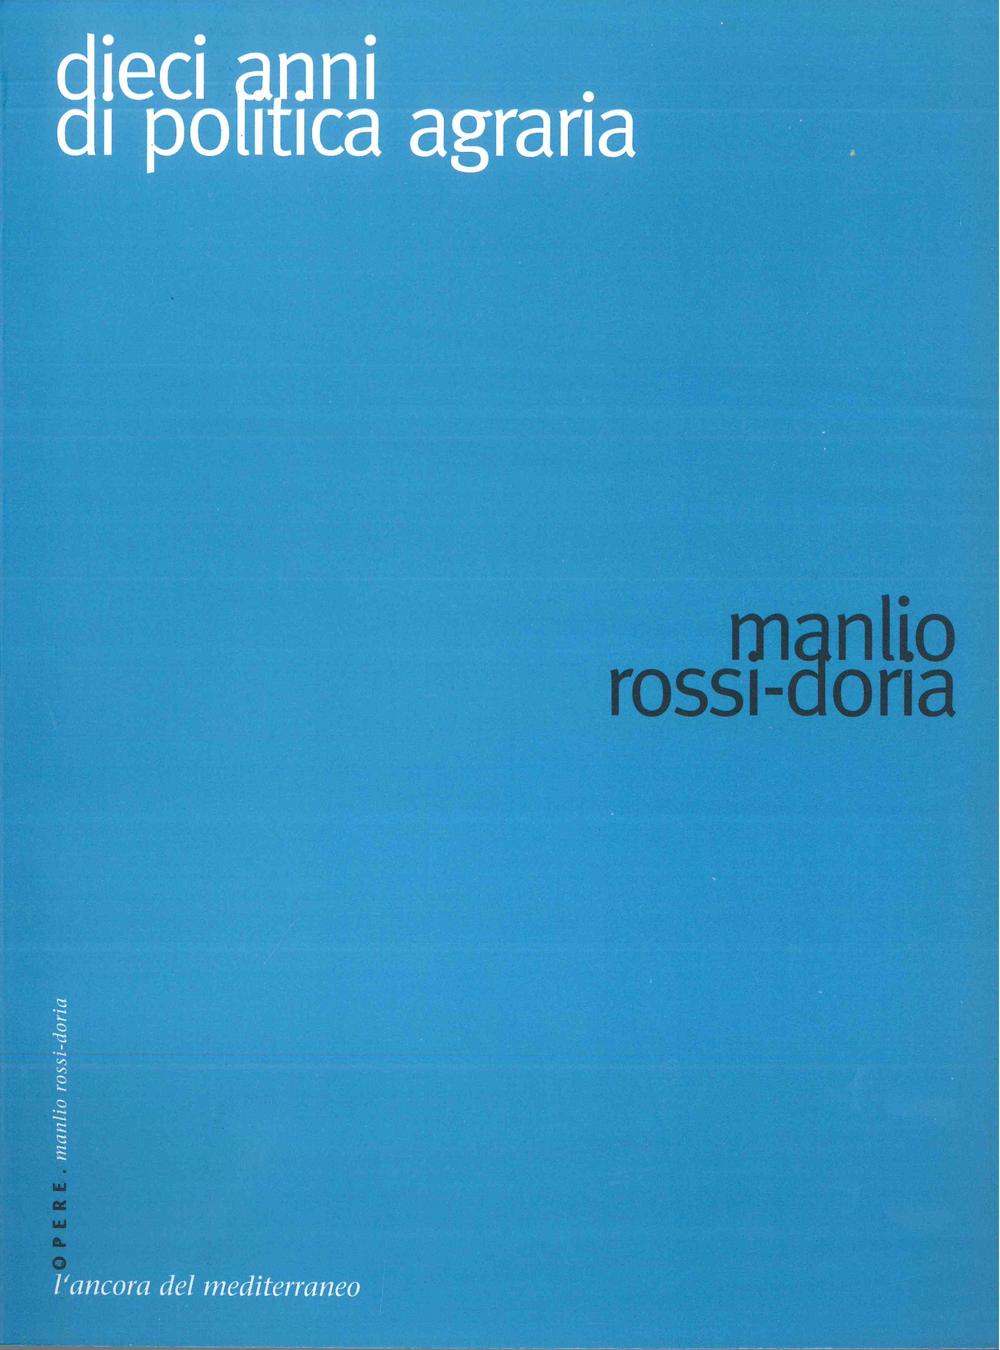 Dieci anni di politica agraria nel Mezzogiorno - Scritti Manlio Rossi-Doria